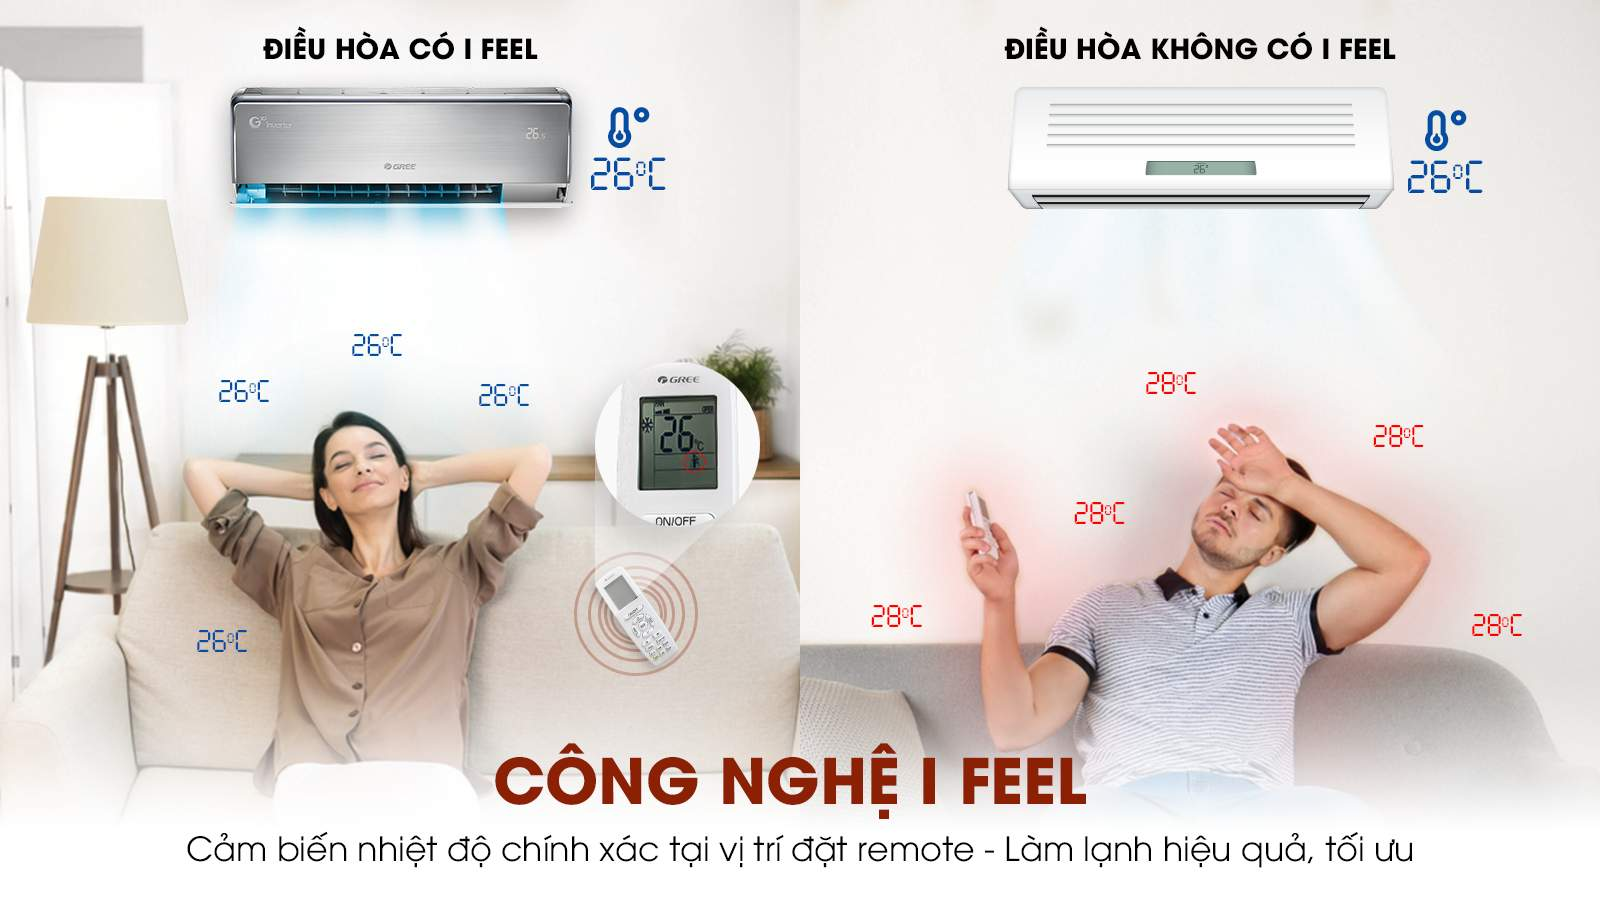 Ifeel cảm biến nhiệt độ trên điều hòa Gree GWC09UB-S6D9A4A